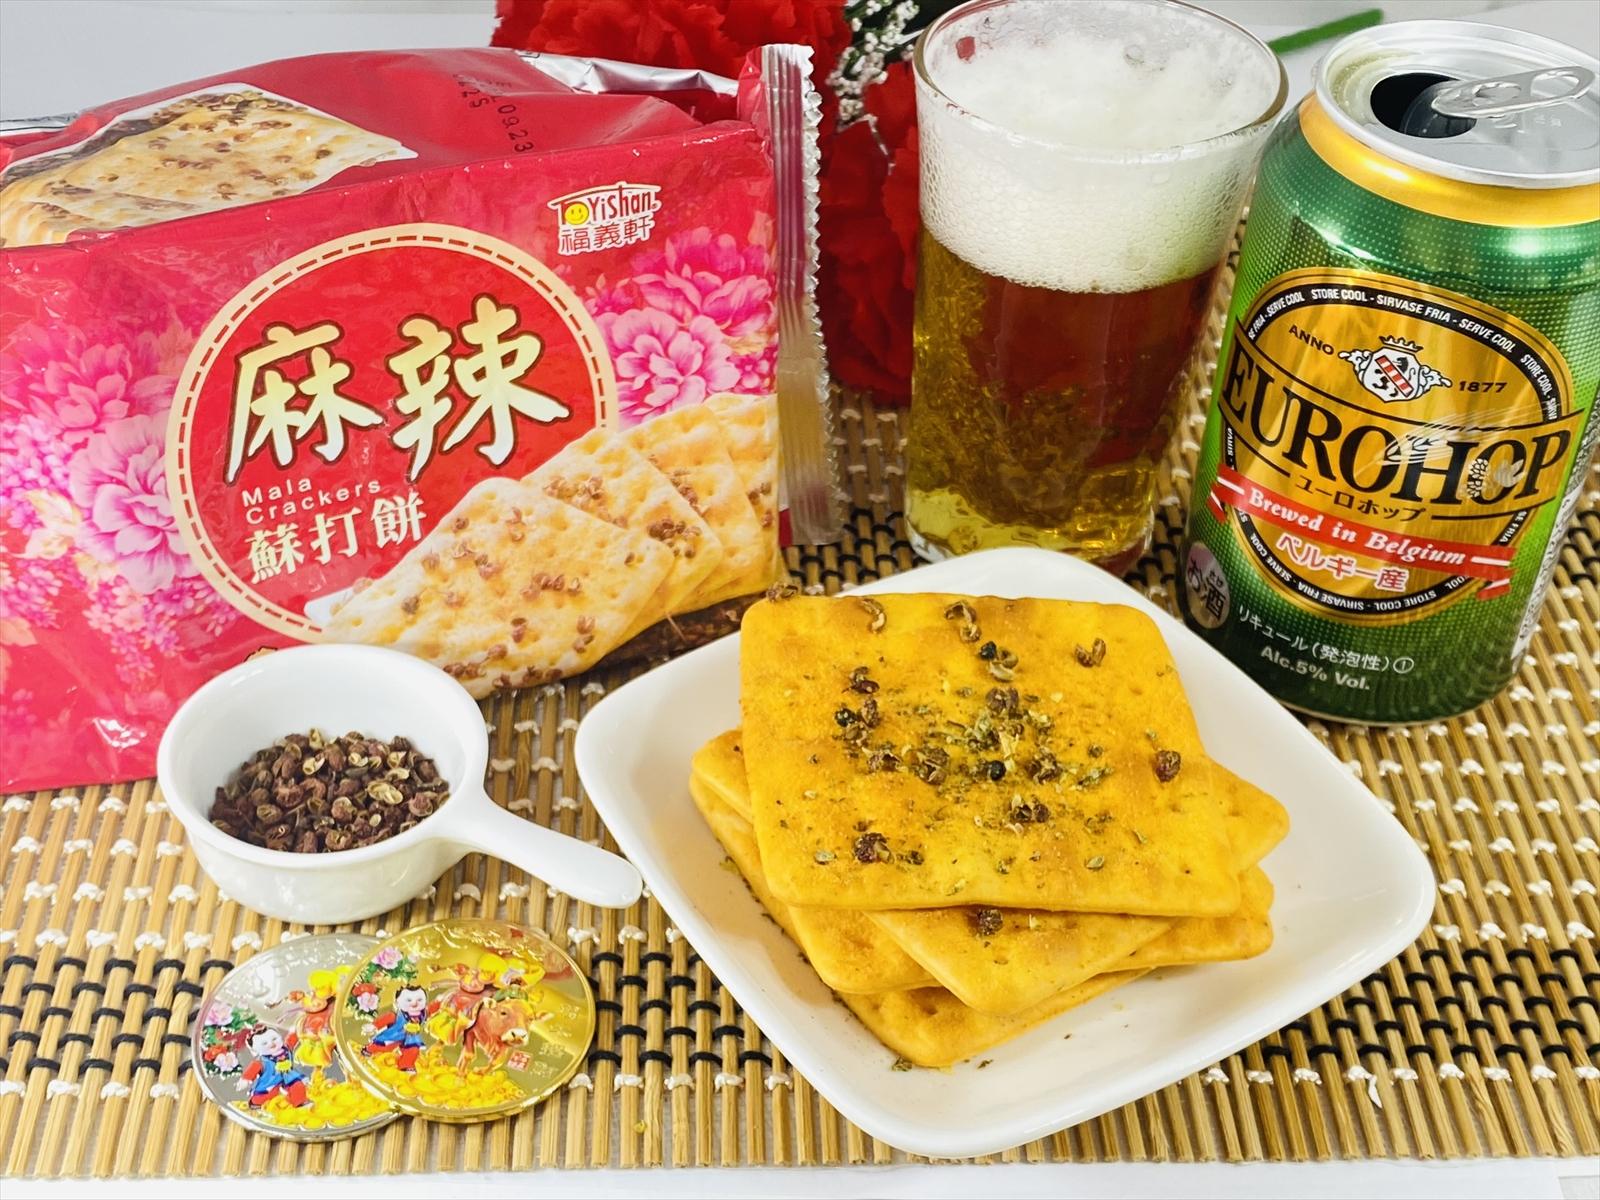 ビールに良く合う!。カルディ定番ユーロホップ!!。